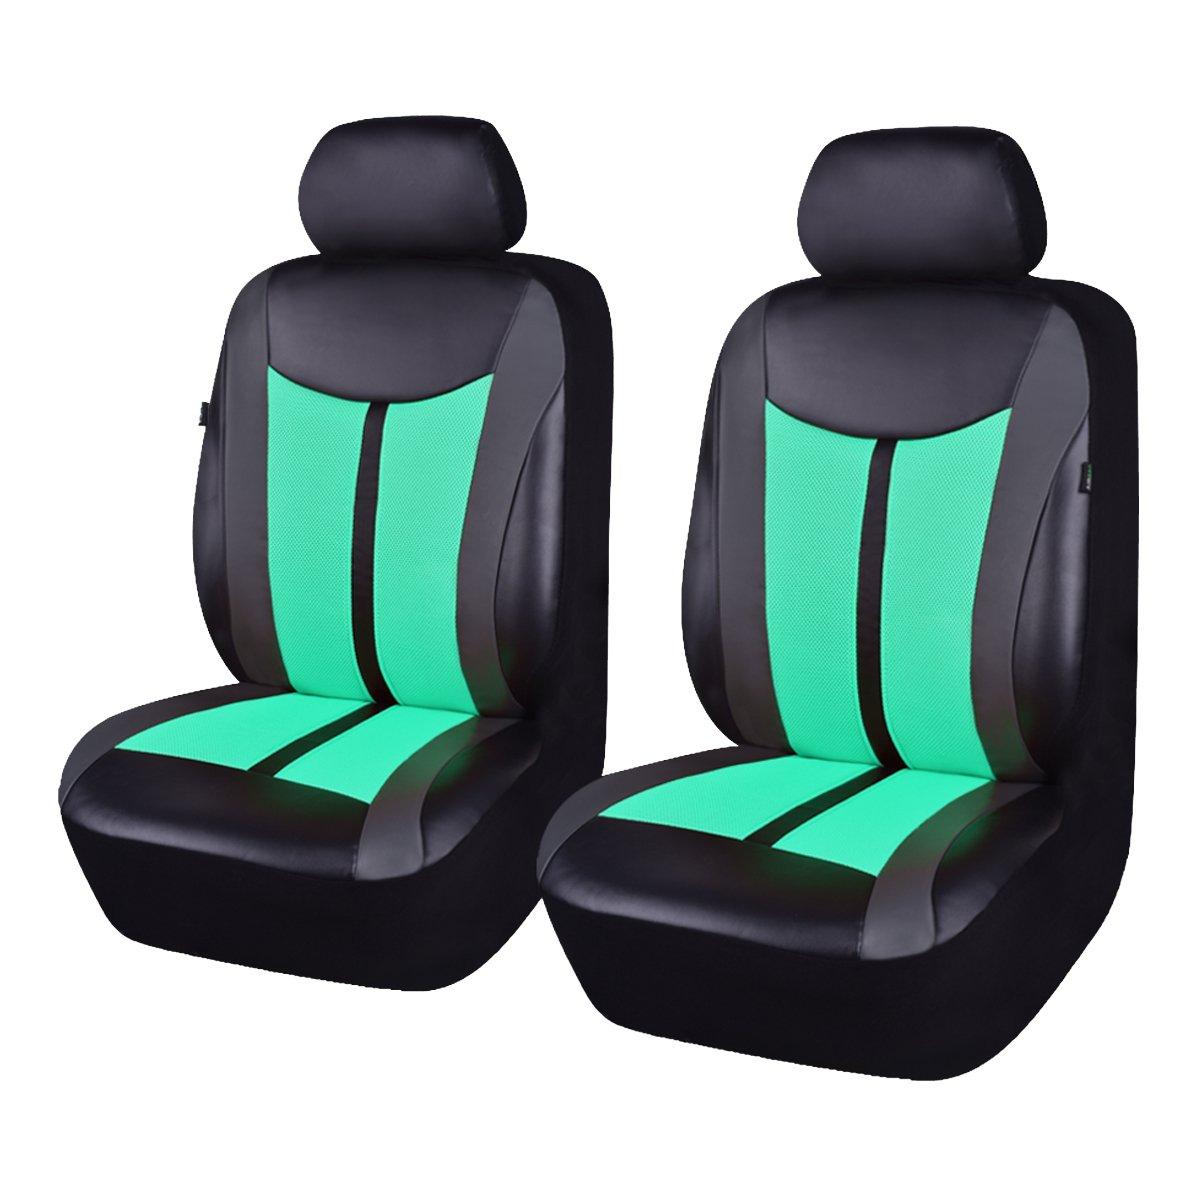 Flying Banner pelle e mesh traspirante universale set di coprisedili per auto con airbag compatibile Ningbo Qiyang International Trade Co. Ltd